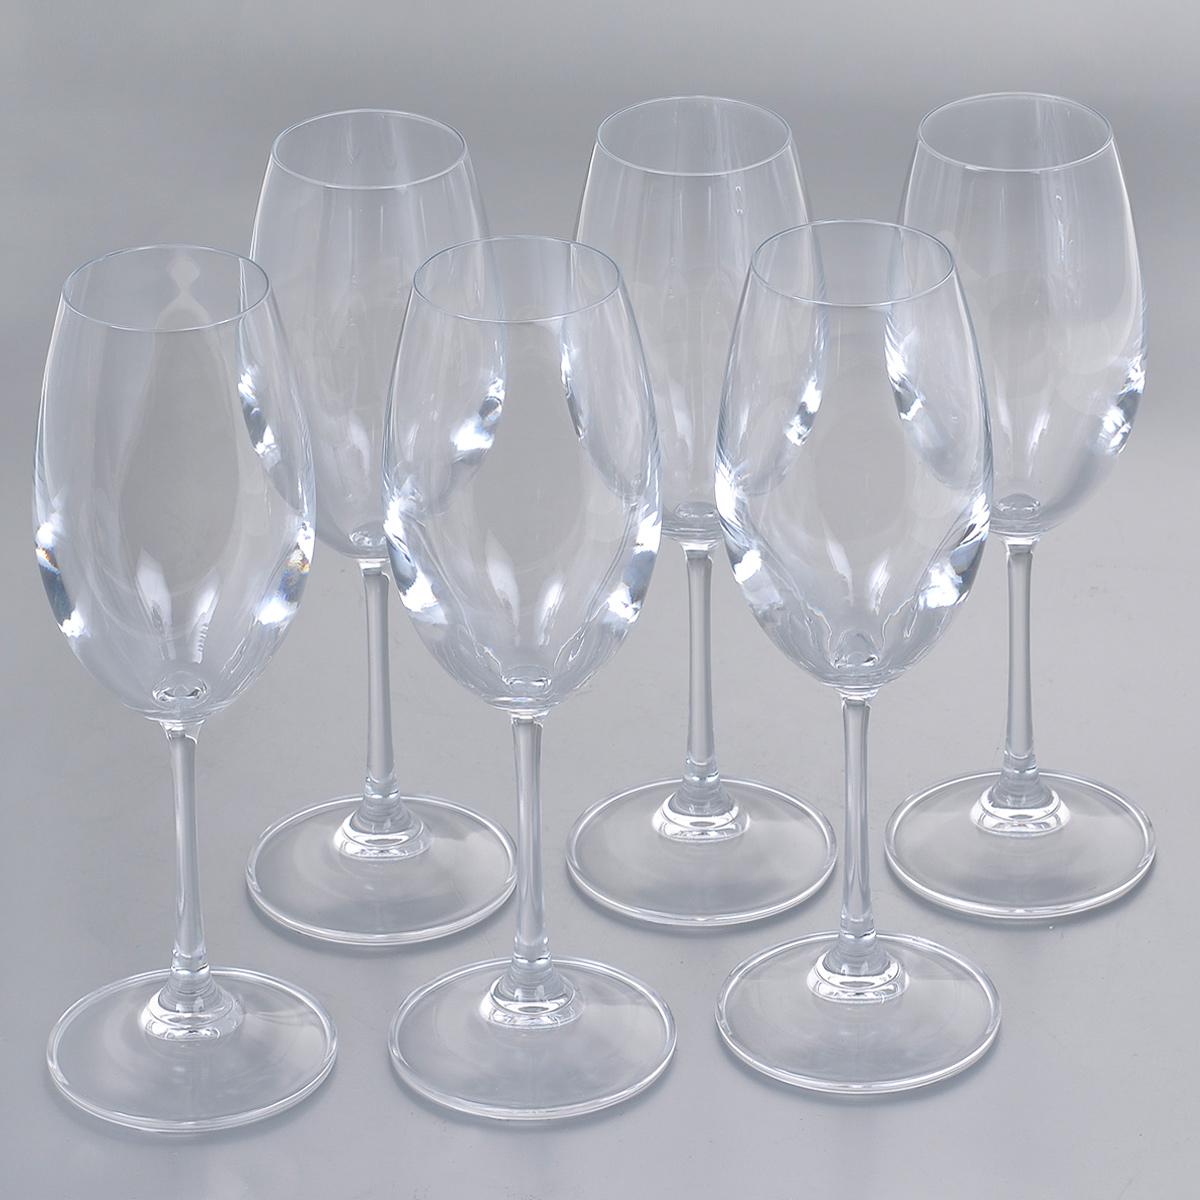 Набор бокалов для белого вина Crystalite Bohemia Клара, 250 мл, 6 шт4S415/250Набор Crystalite Bohemia Клара состоит из шести бокалов, выполненных из прочного высококачественного прозрачного стекла. Изделия оснащены изящными высокими ножками. Бокалы предназначены для подачи белого вина. Они излучают приятный блеск и издают мелодичный звон. Бокалы сочетают в себе элегантный дизайн и функциональность. Благодаря такому набору пить напитки будет еще вкуснее.Набор бокалов Crystalite Bohemia Клара прекрасно оформит праздничный стол и создаст приятную атмосферу за романтическим ужином. Такой набор также станет хорошим подарком к любому случаю. Не использовать в посудомоечной машине и микроволновой печи.